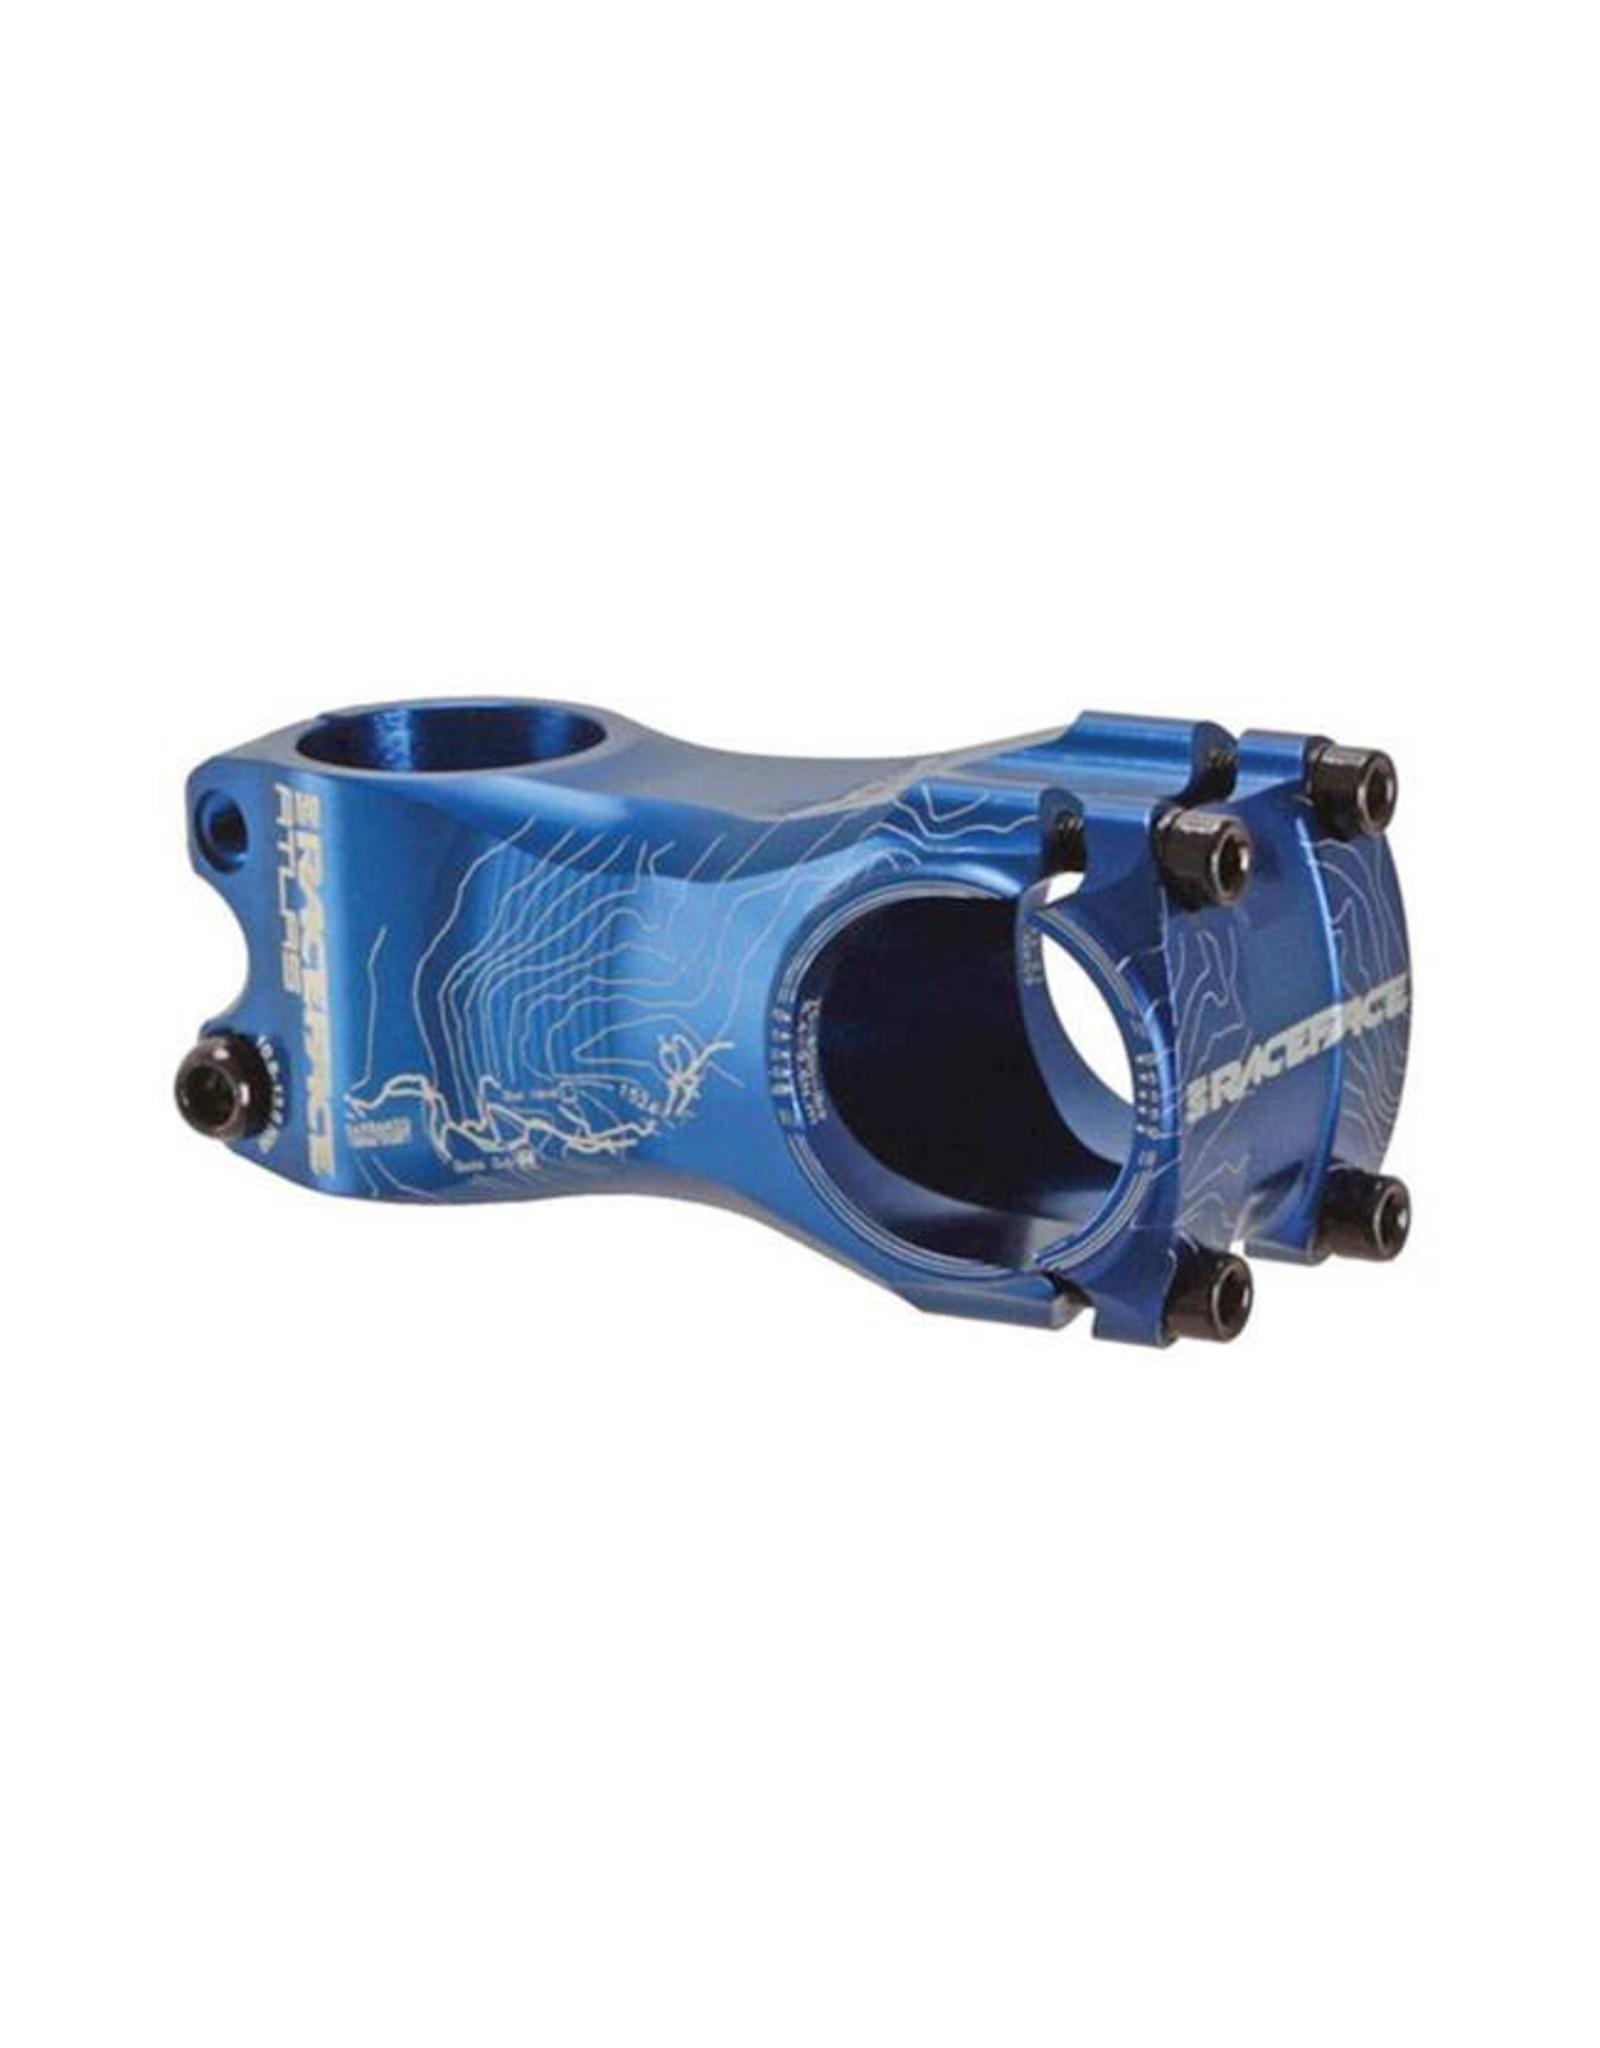 RaceFace RaceFace Atlas Stem, 65mm +/- 0 degree Blue